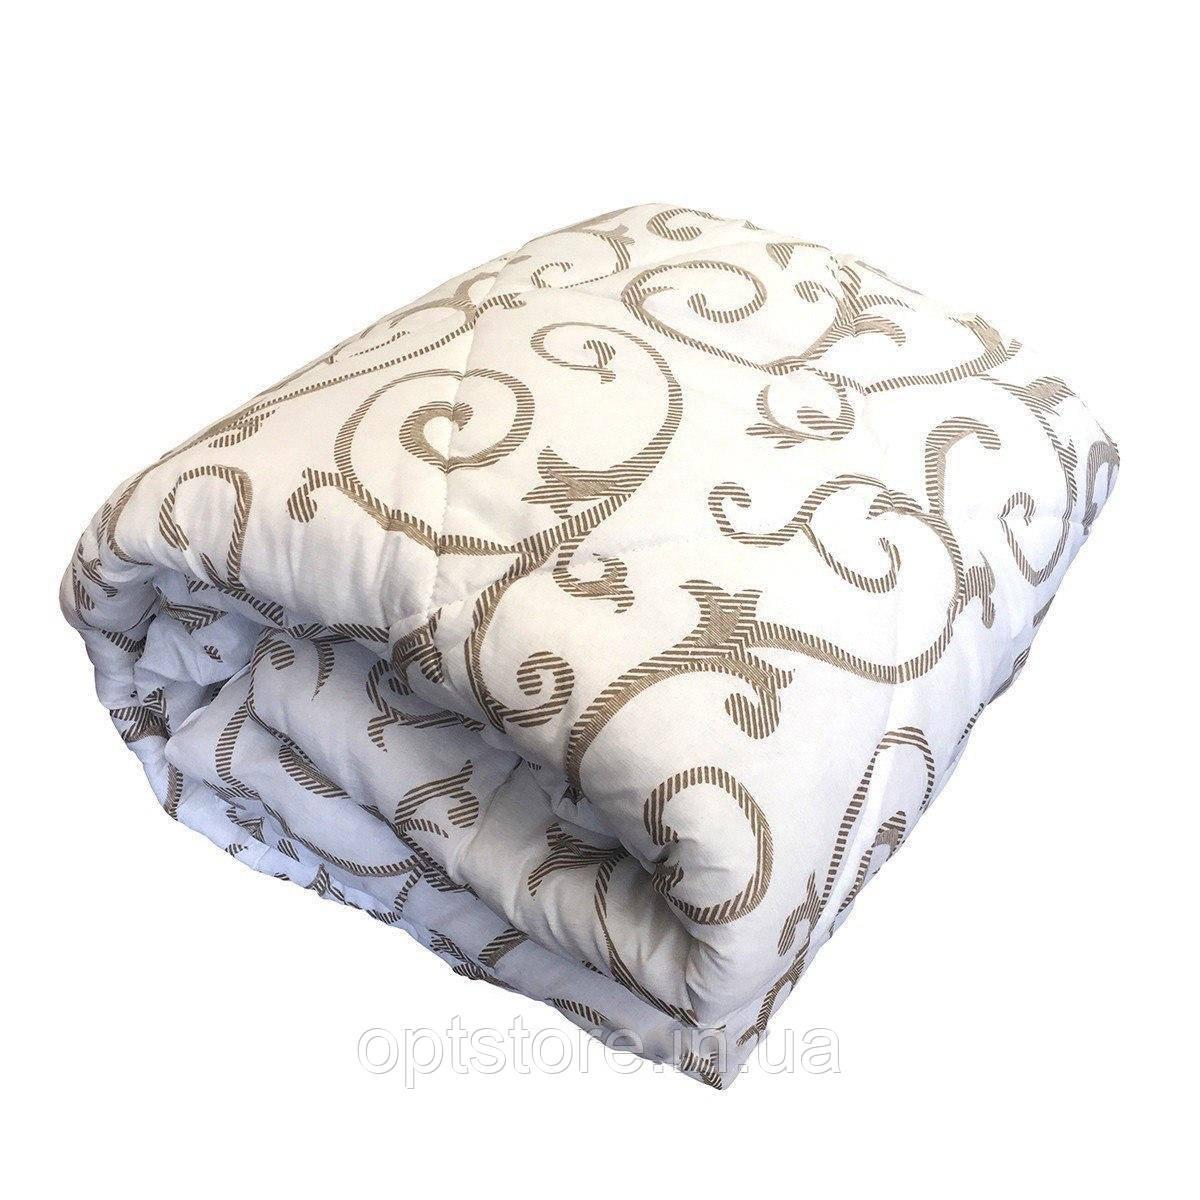 Одеяло двуспальное силикон, ткань поликоттон